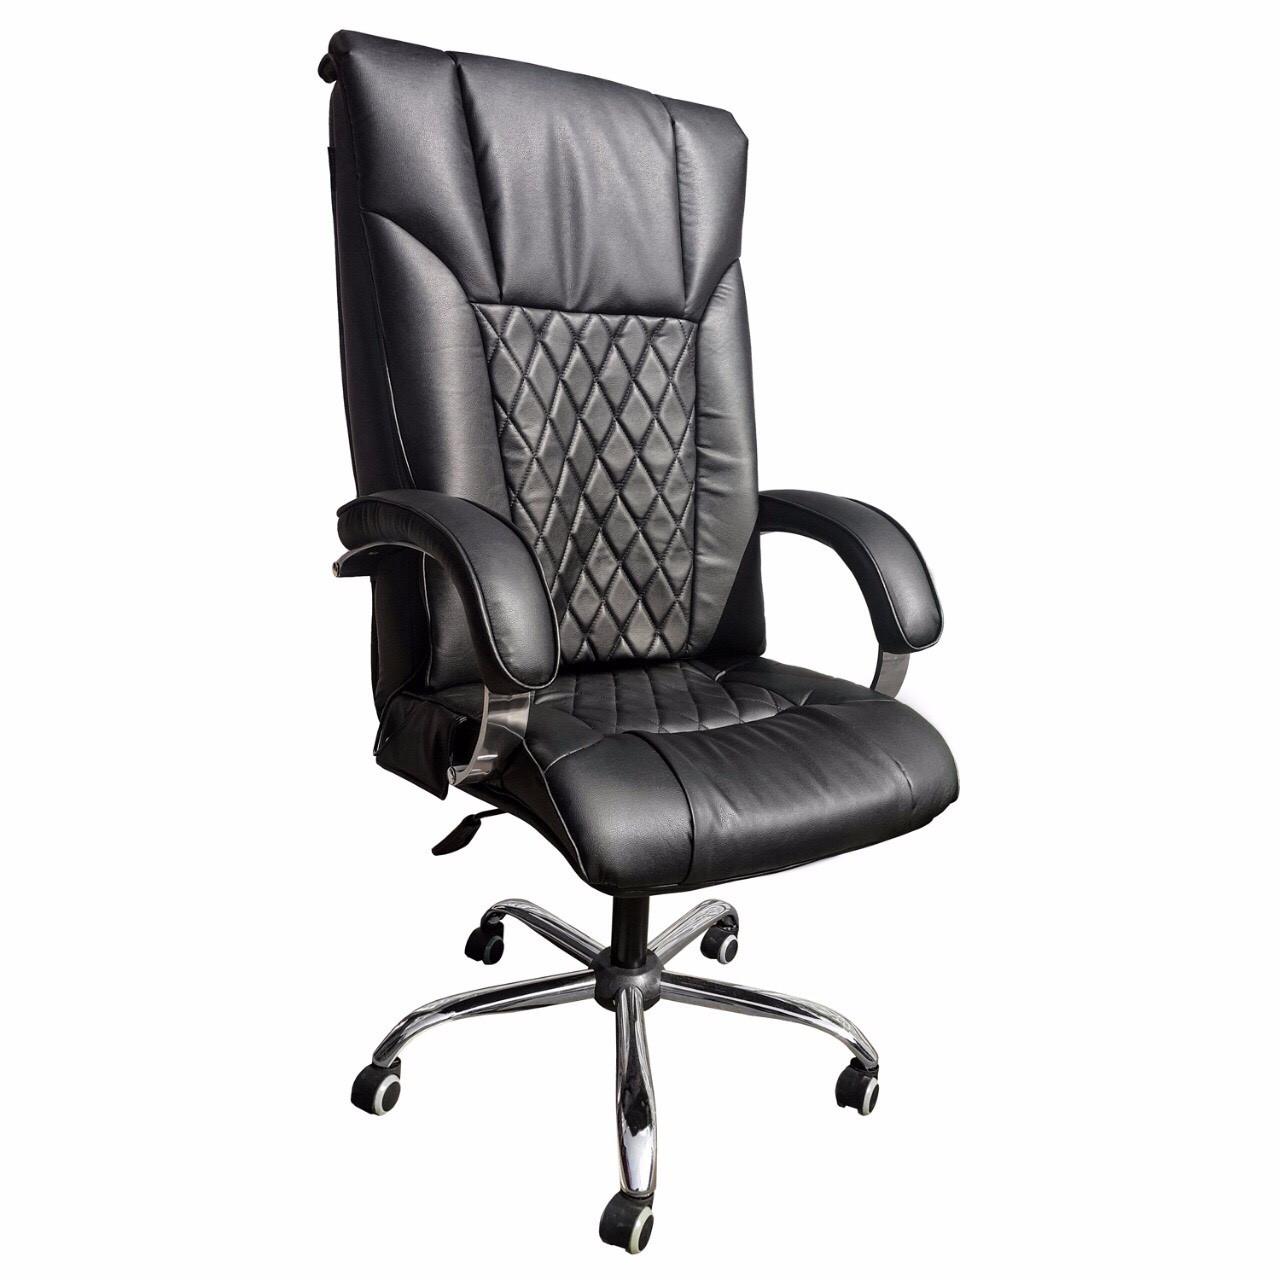 Офисное массажное кресло UK Domus EG-1002 LUX Standart - шоколад